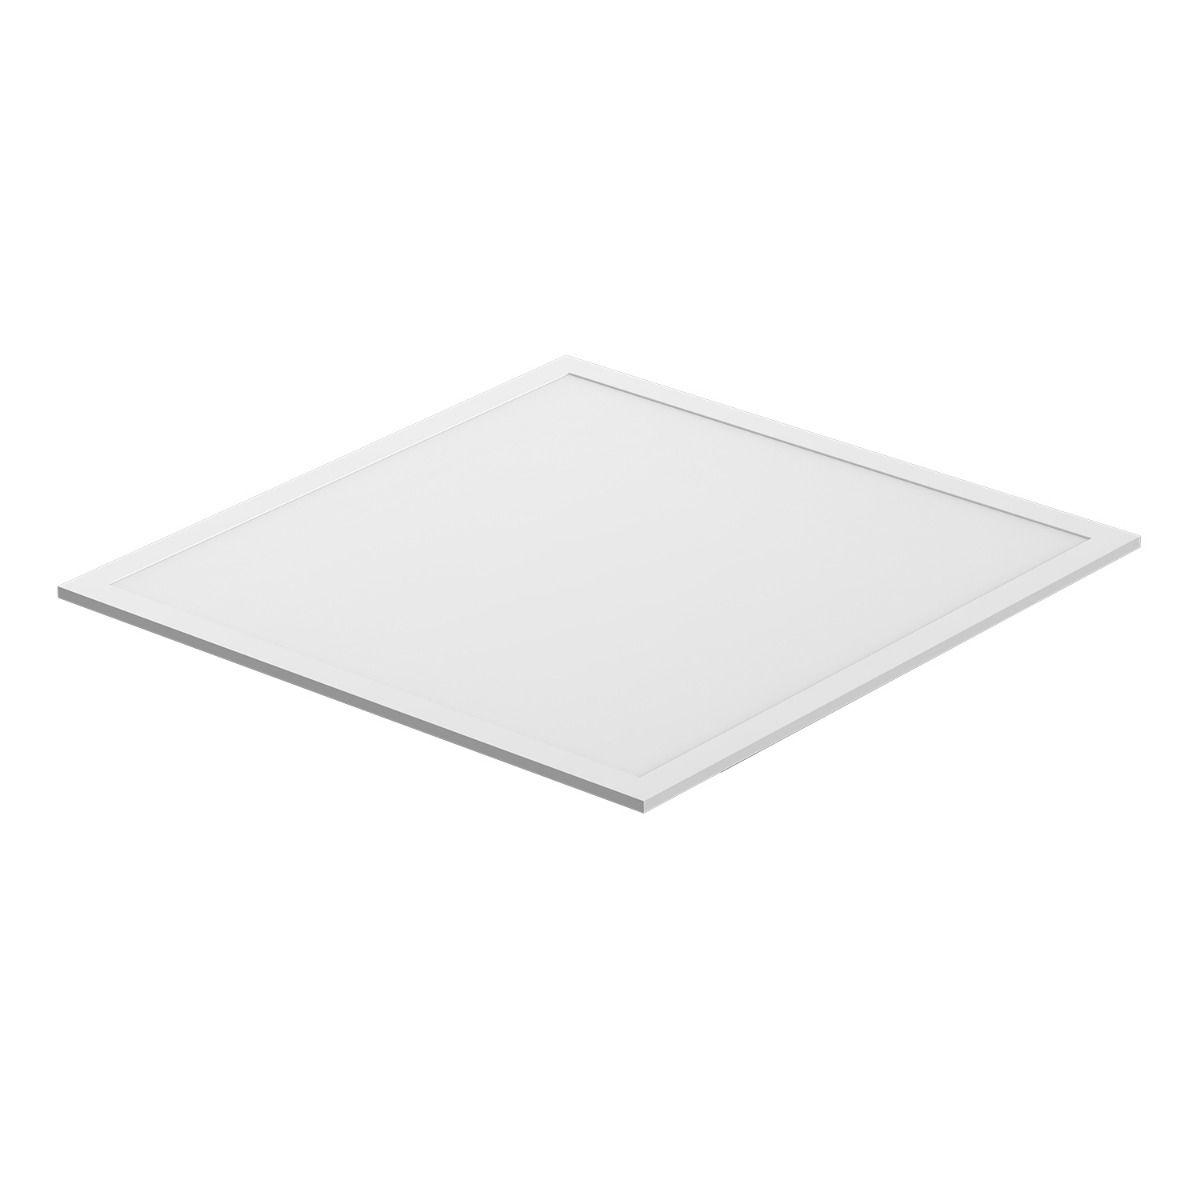 Noxion LED panel Delta Pro Highlum V2.0 Xitanium DALI 40W 60x60cm 3000K 5280lm UGR <19 | Dali dæmpbar - varm hvid - erstatter 4x18W